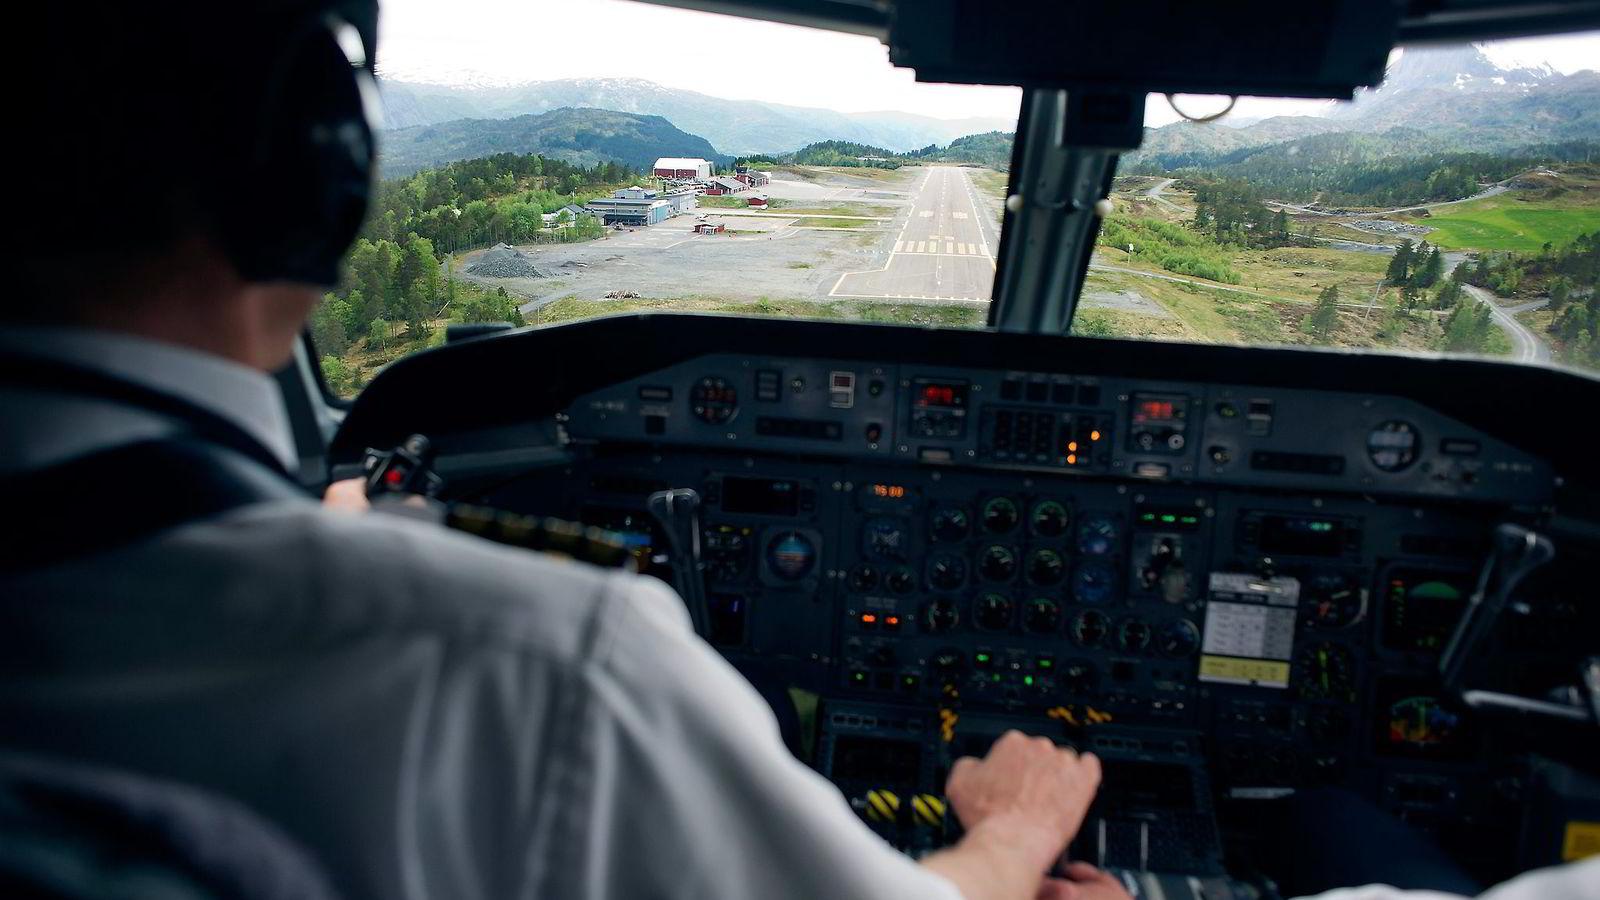 Widerøe har fløyet langs kysten i Norge i over 80 år, og nå vil selskapet gi SAS og Norwegian direkte konkurranse. Her er et Dash 8-fly på vei inn til Førde lufthavn.